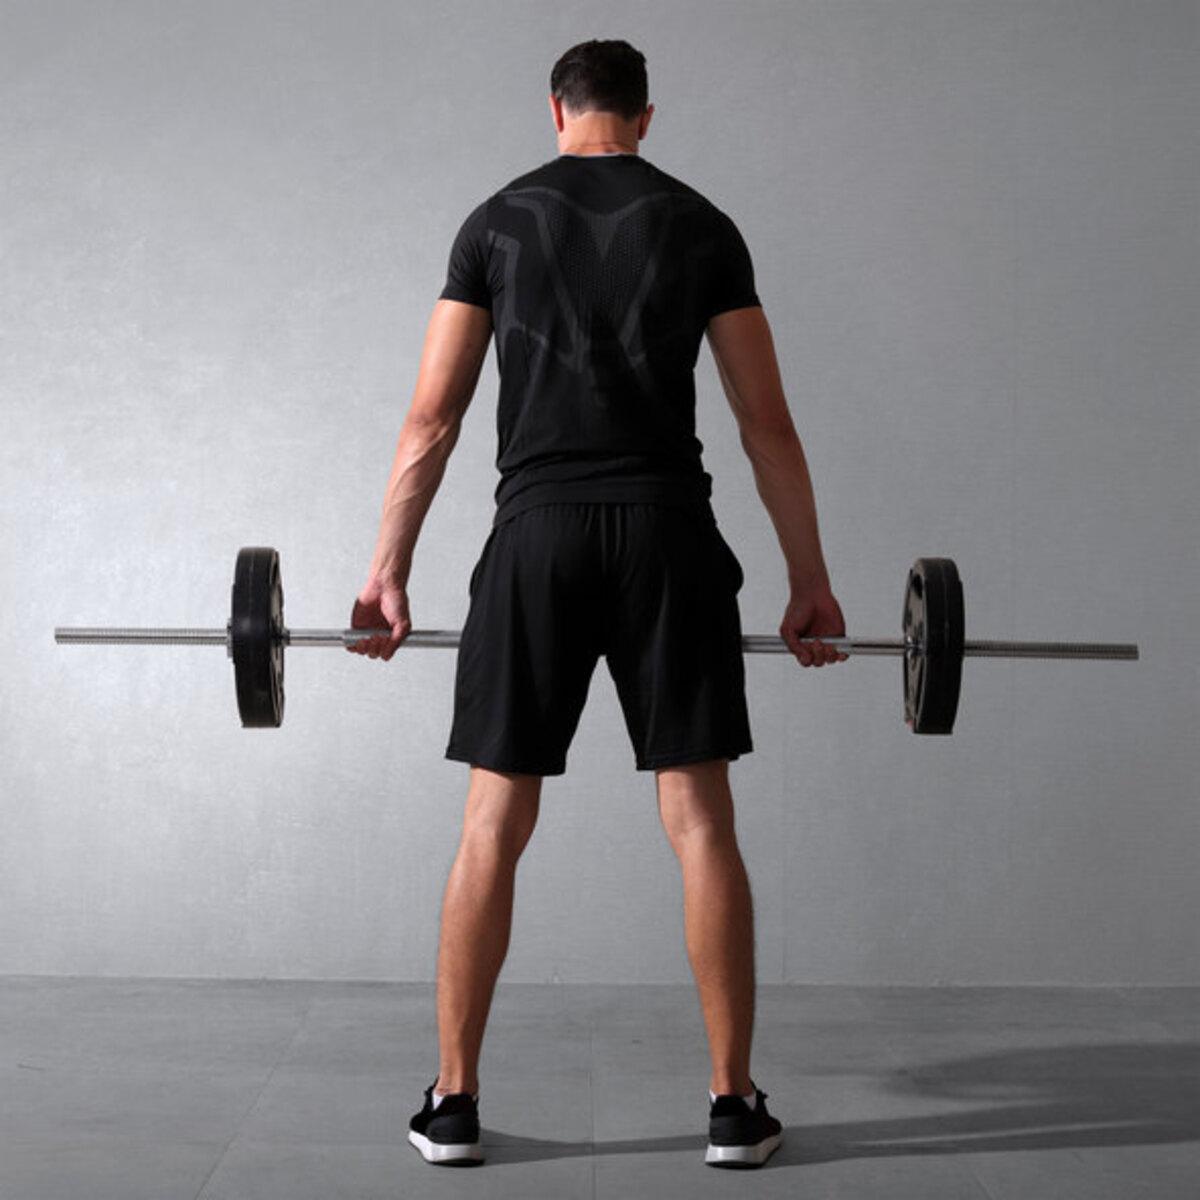 Bild 1 von Wellactive Langhantelstange, 10 kg, 180 cm